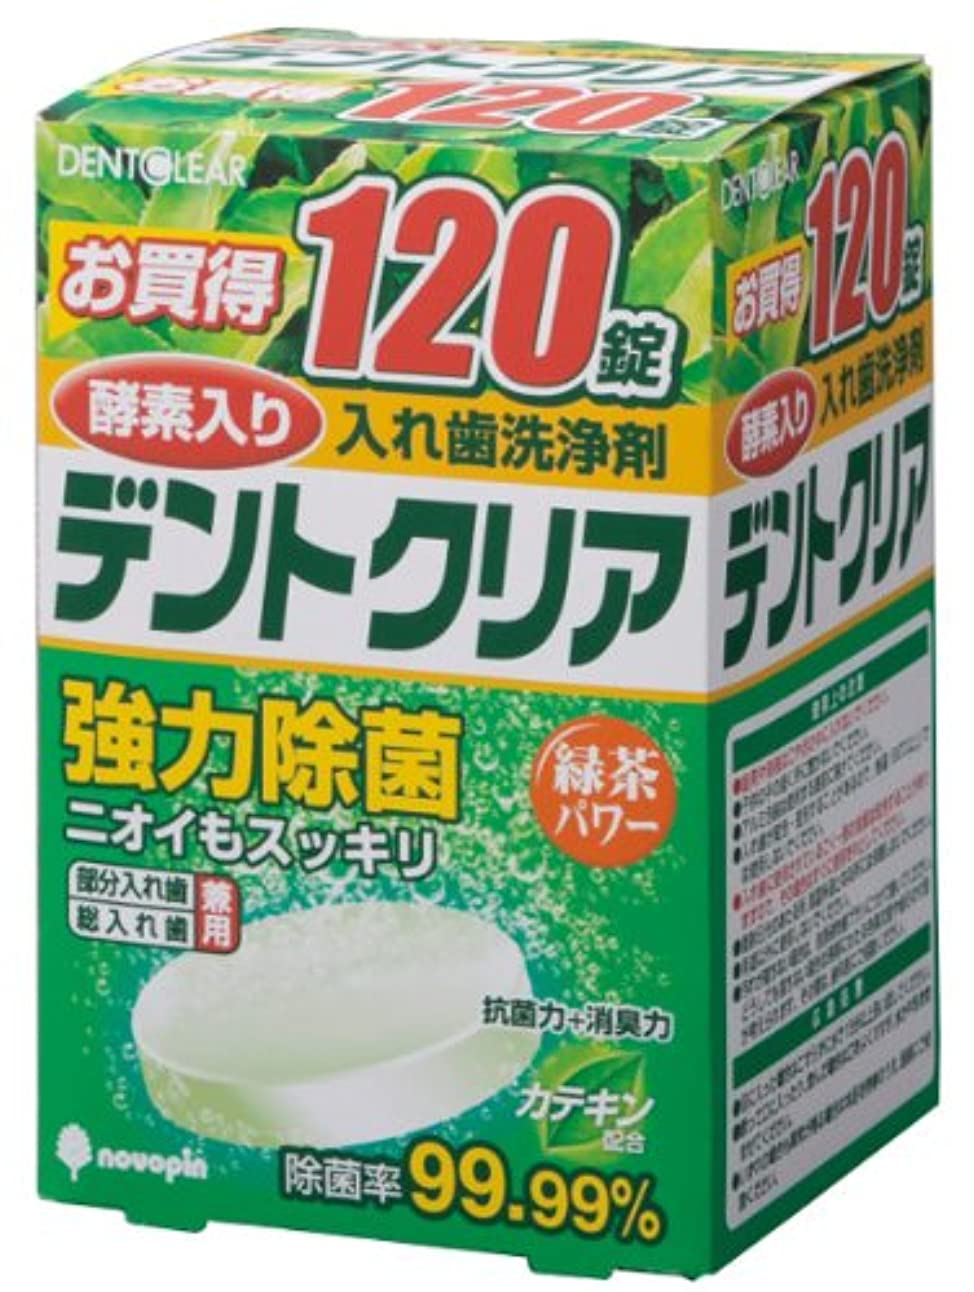 まばたき番号世紀紀陽除虫菊 入れ歯洗浄剤 (酵素入り) デントクリア 緑茶パワー (部分入れ歯 総入れ歯兼用) 120錠入